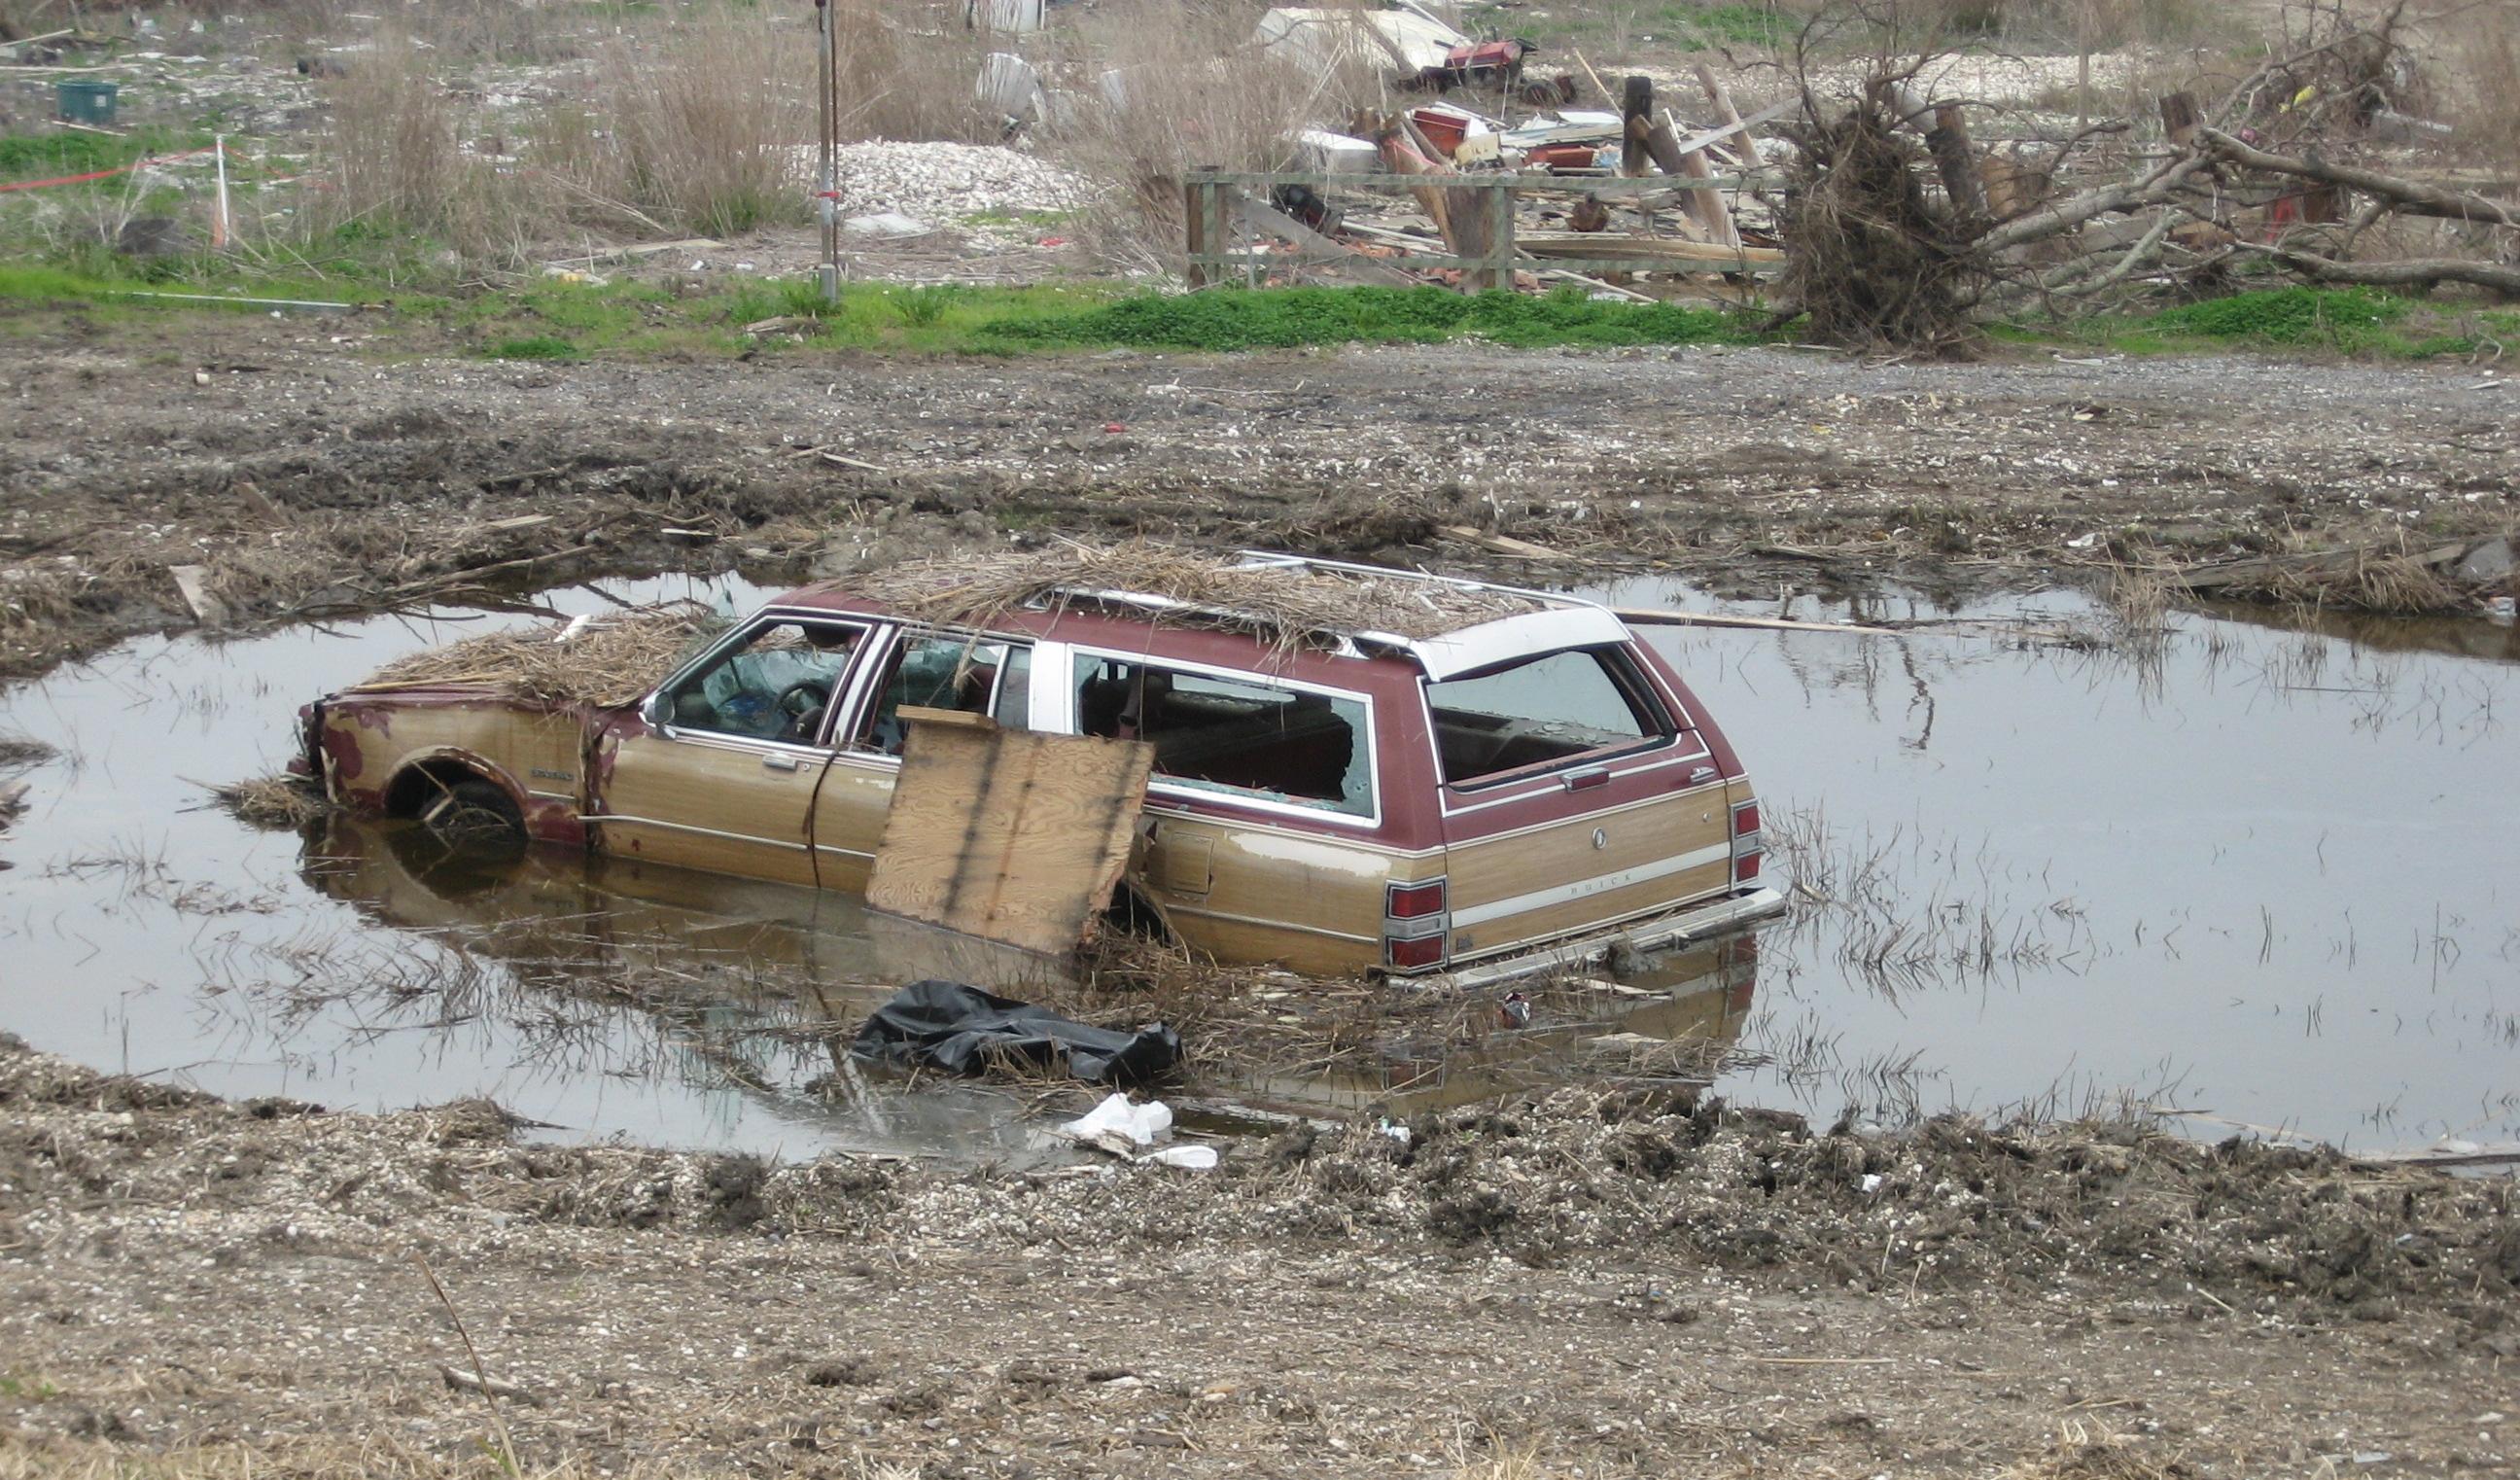 Das Foto zeigt ein Auto in einer großen Wasserlache nach dem Hurrikan Katrina in New Orleans. Überschwemmungen fordern Städte und ihre Resilienz heraus.